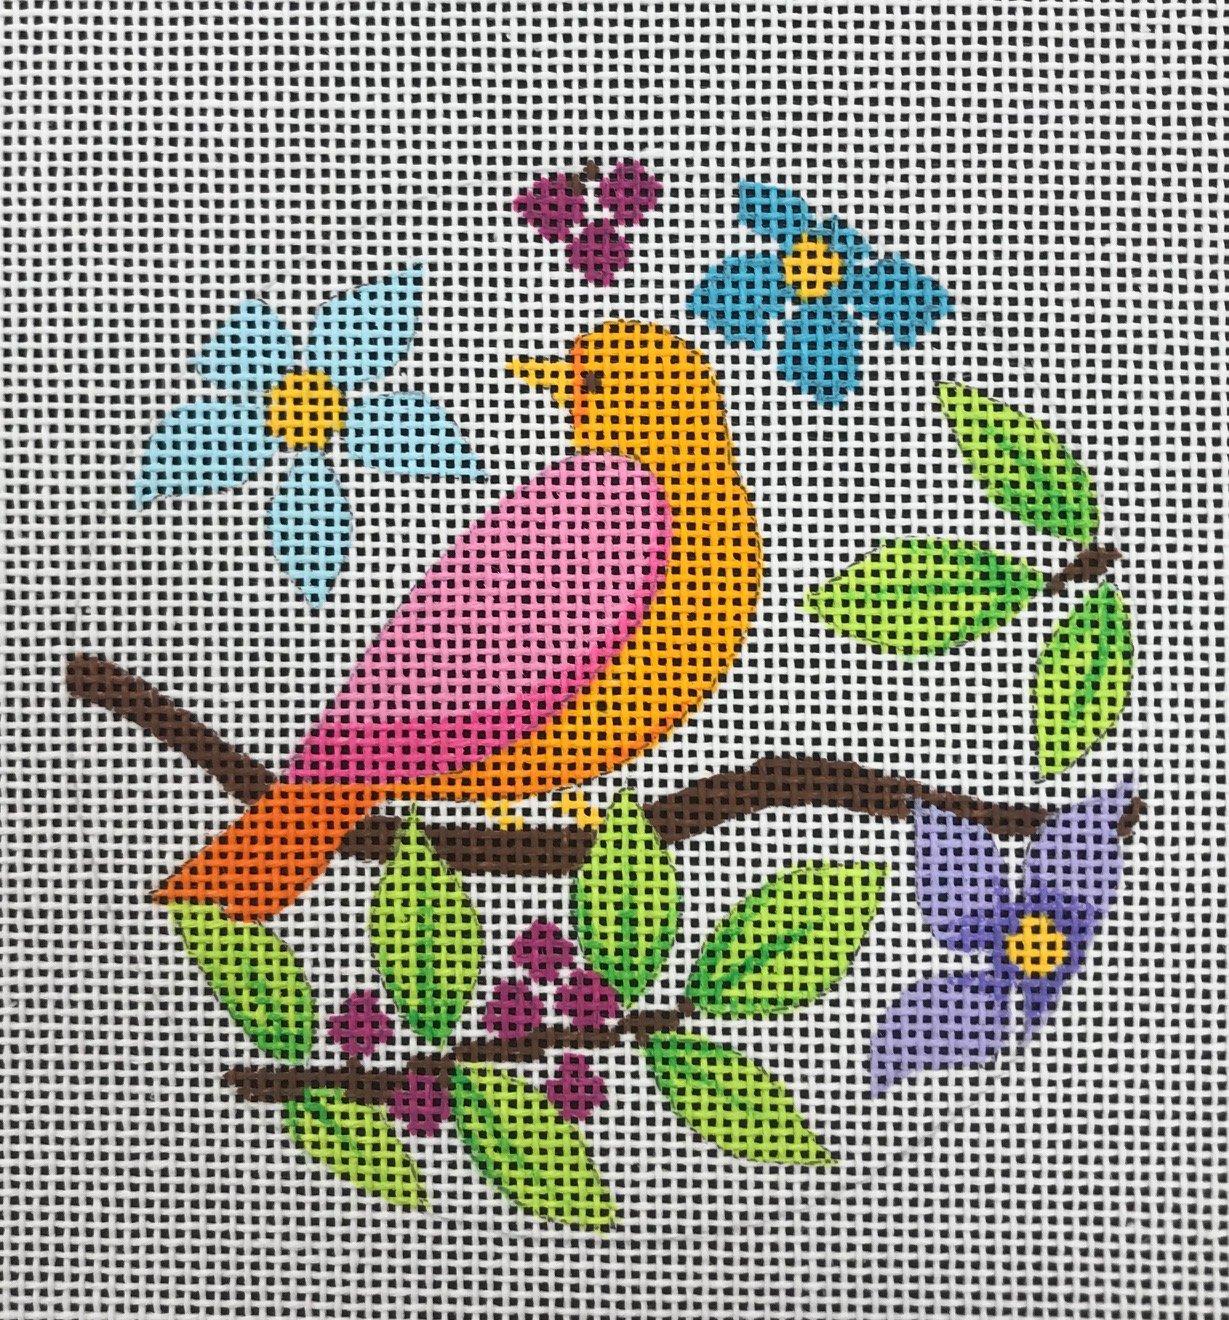 Orange/Pink Bird on Branch